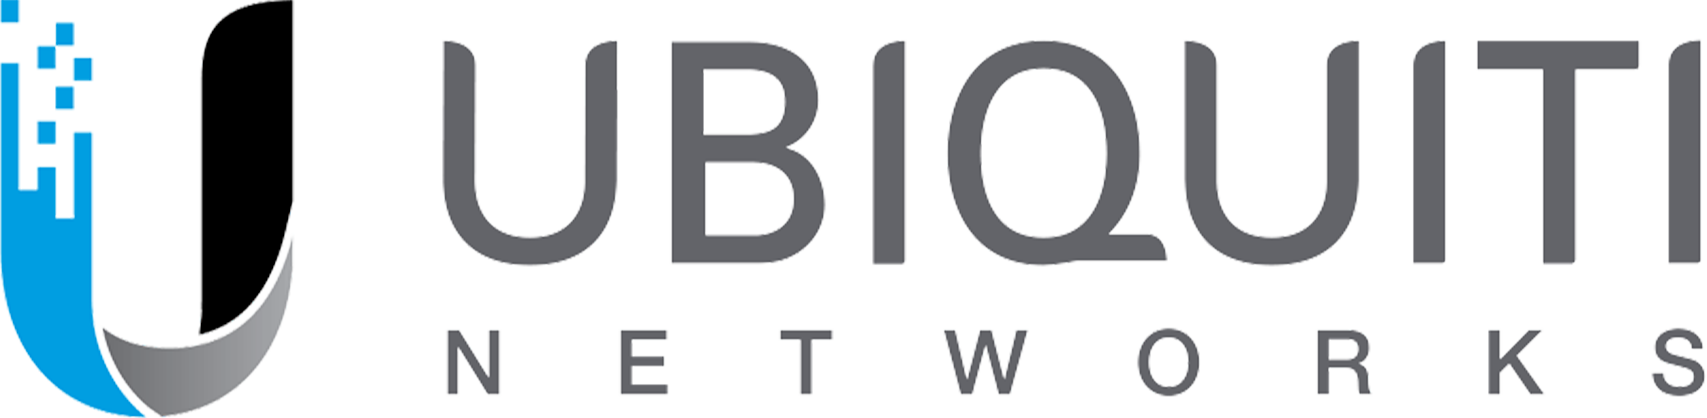 ubiquiti networks logo - large